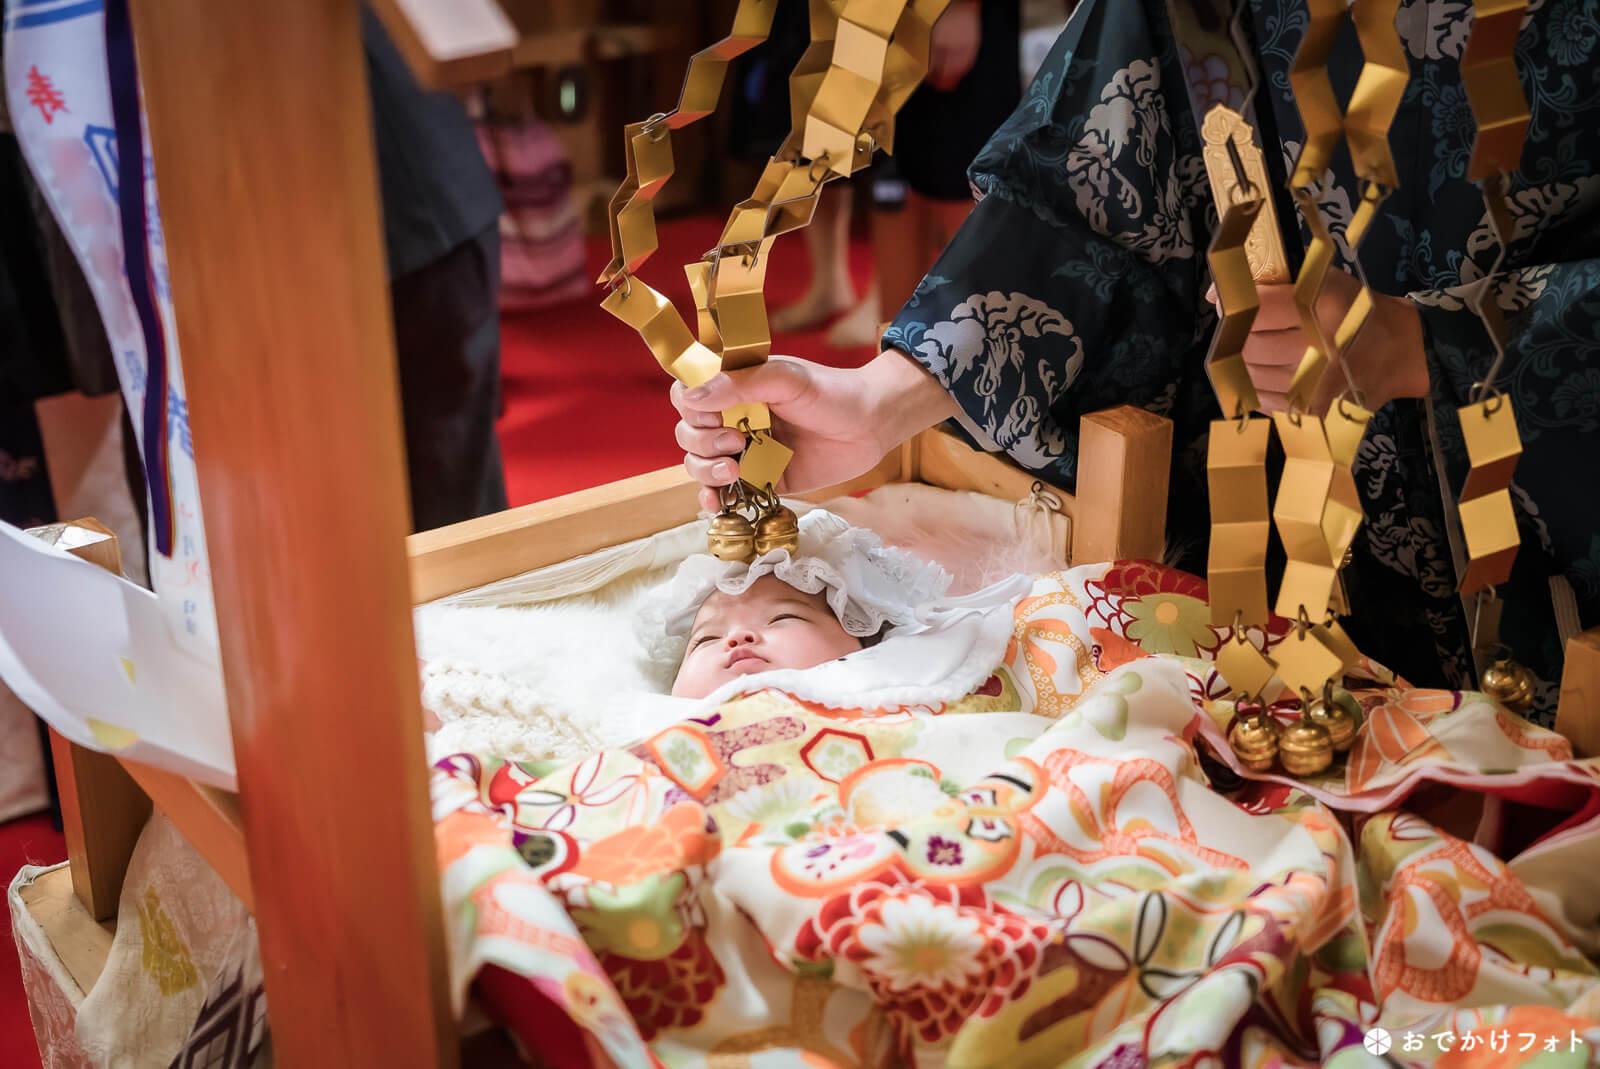 飯盛神社でお宮参り写真の出張ロケーション撮影